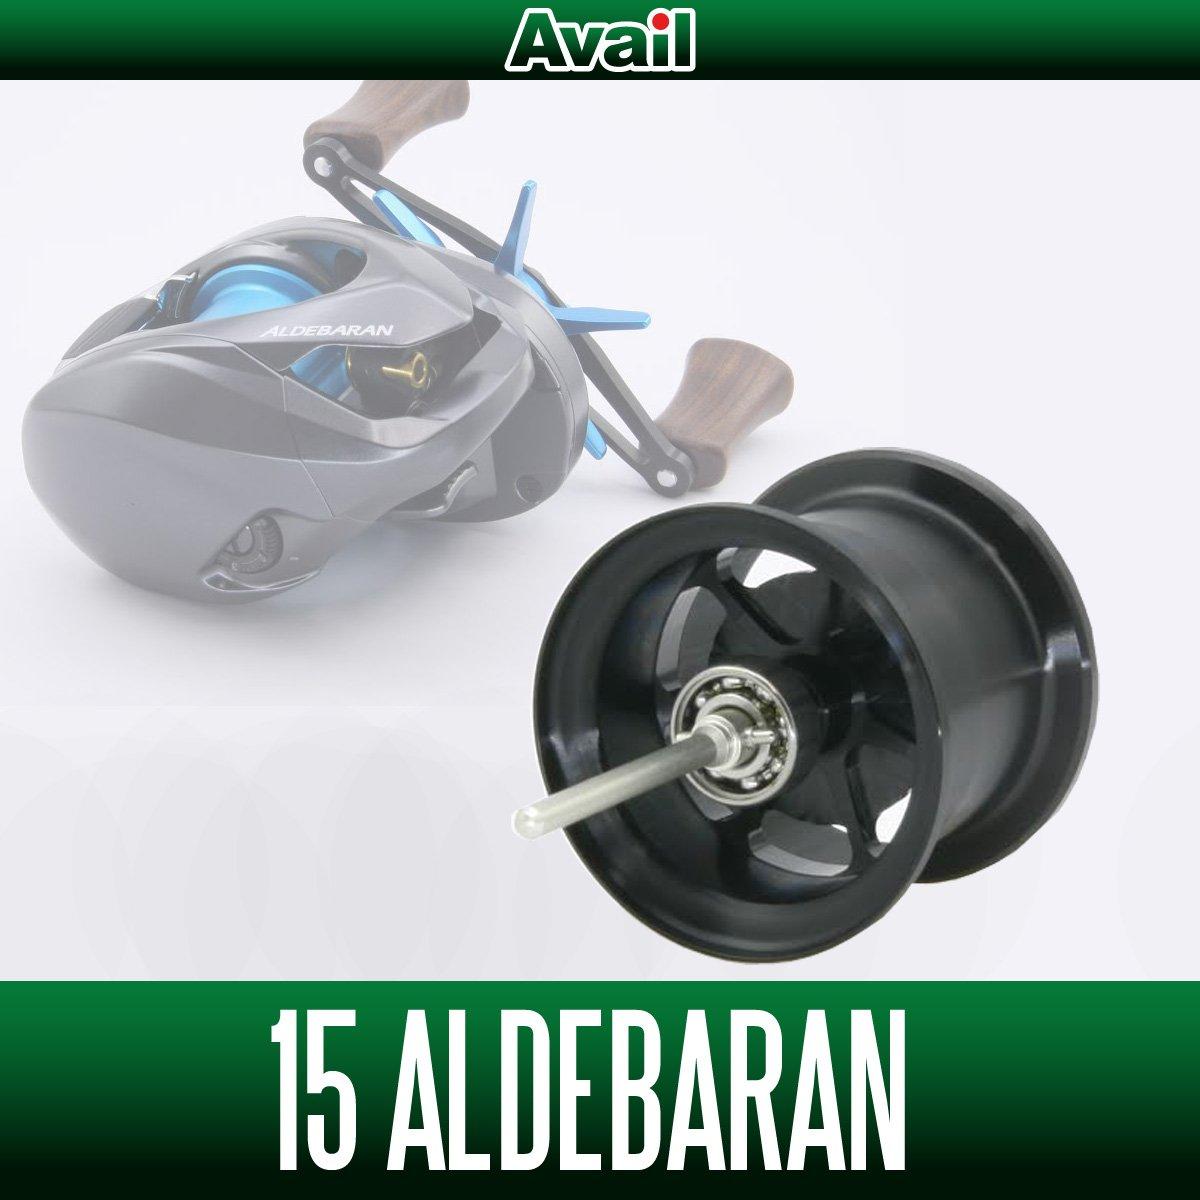 【Avail/アベイル】 シマノ 15アルデバラン用 マイクロキャストスプール ALD1532RI ブラック